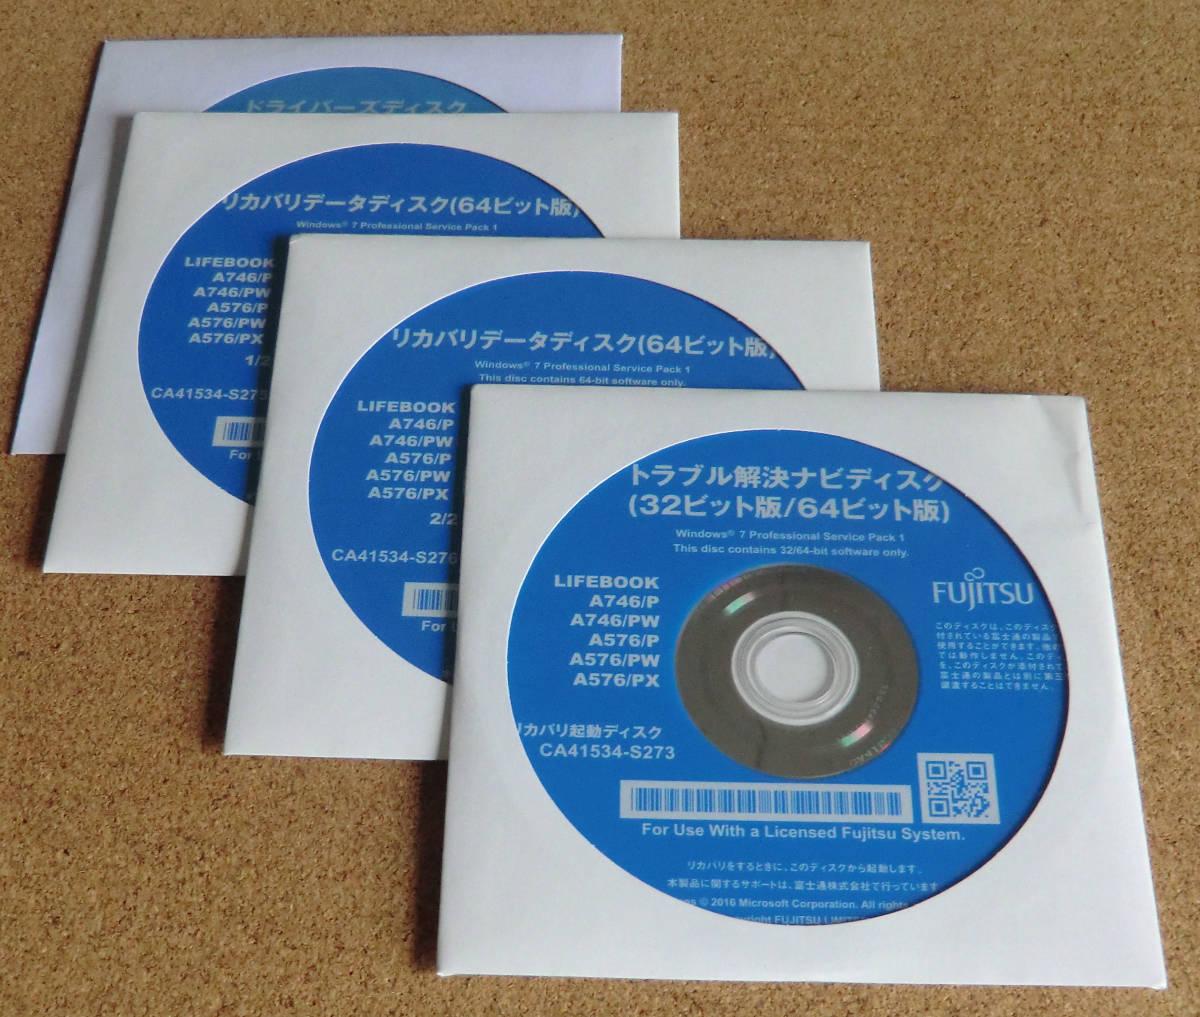 ◆ 富士通 LIFEBOOK A576/P, A576/PW, A576/PX用 Win7 64bit リカバリディスク ◆_画像1